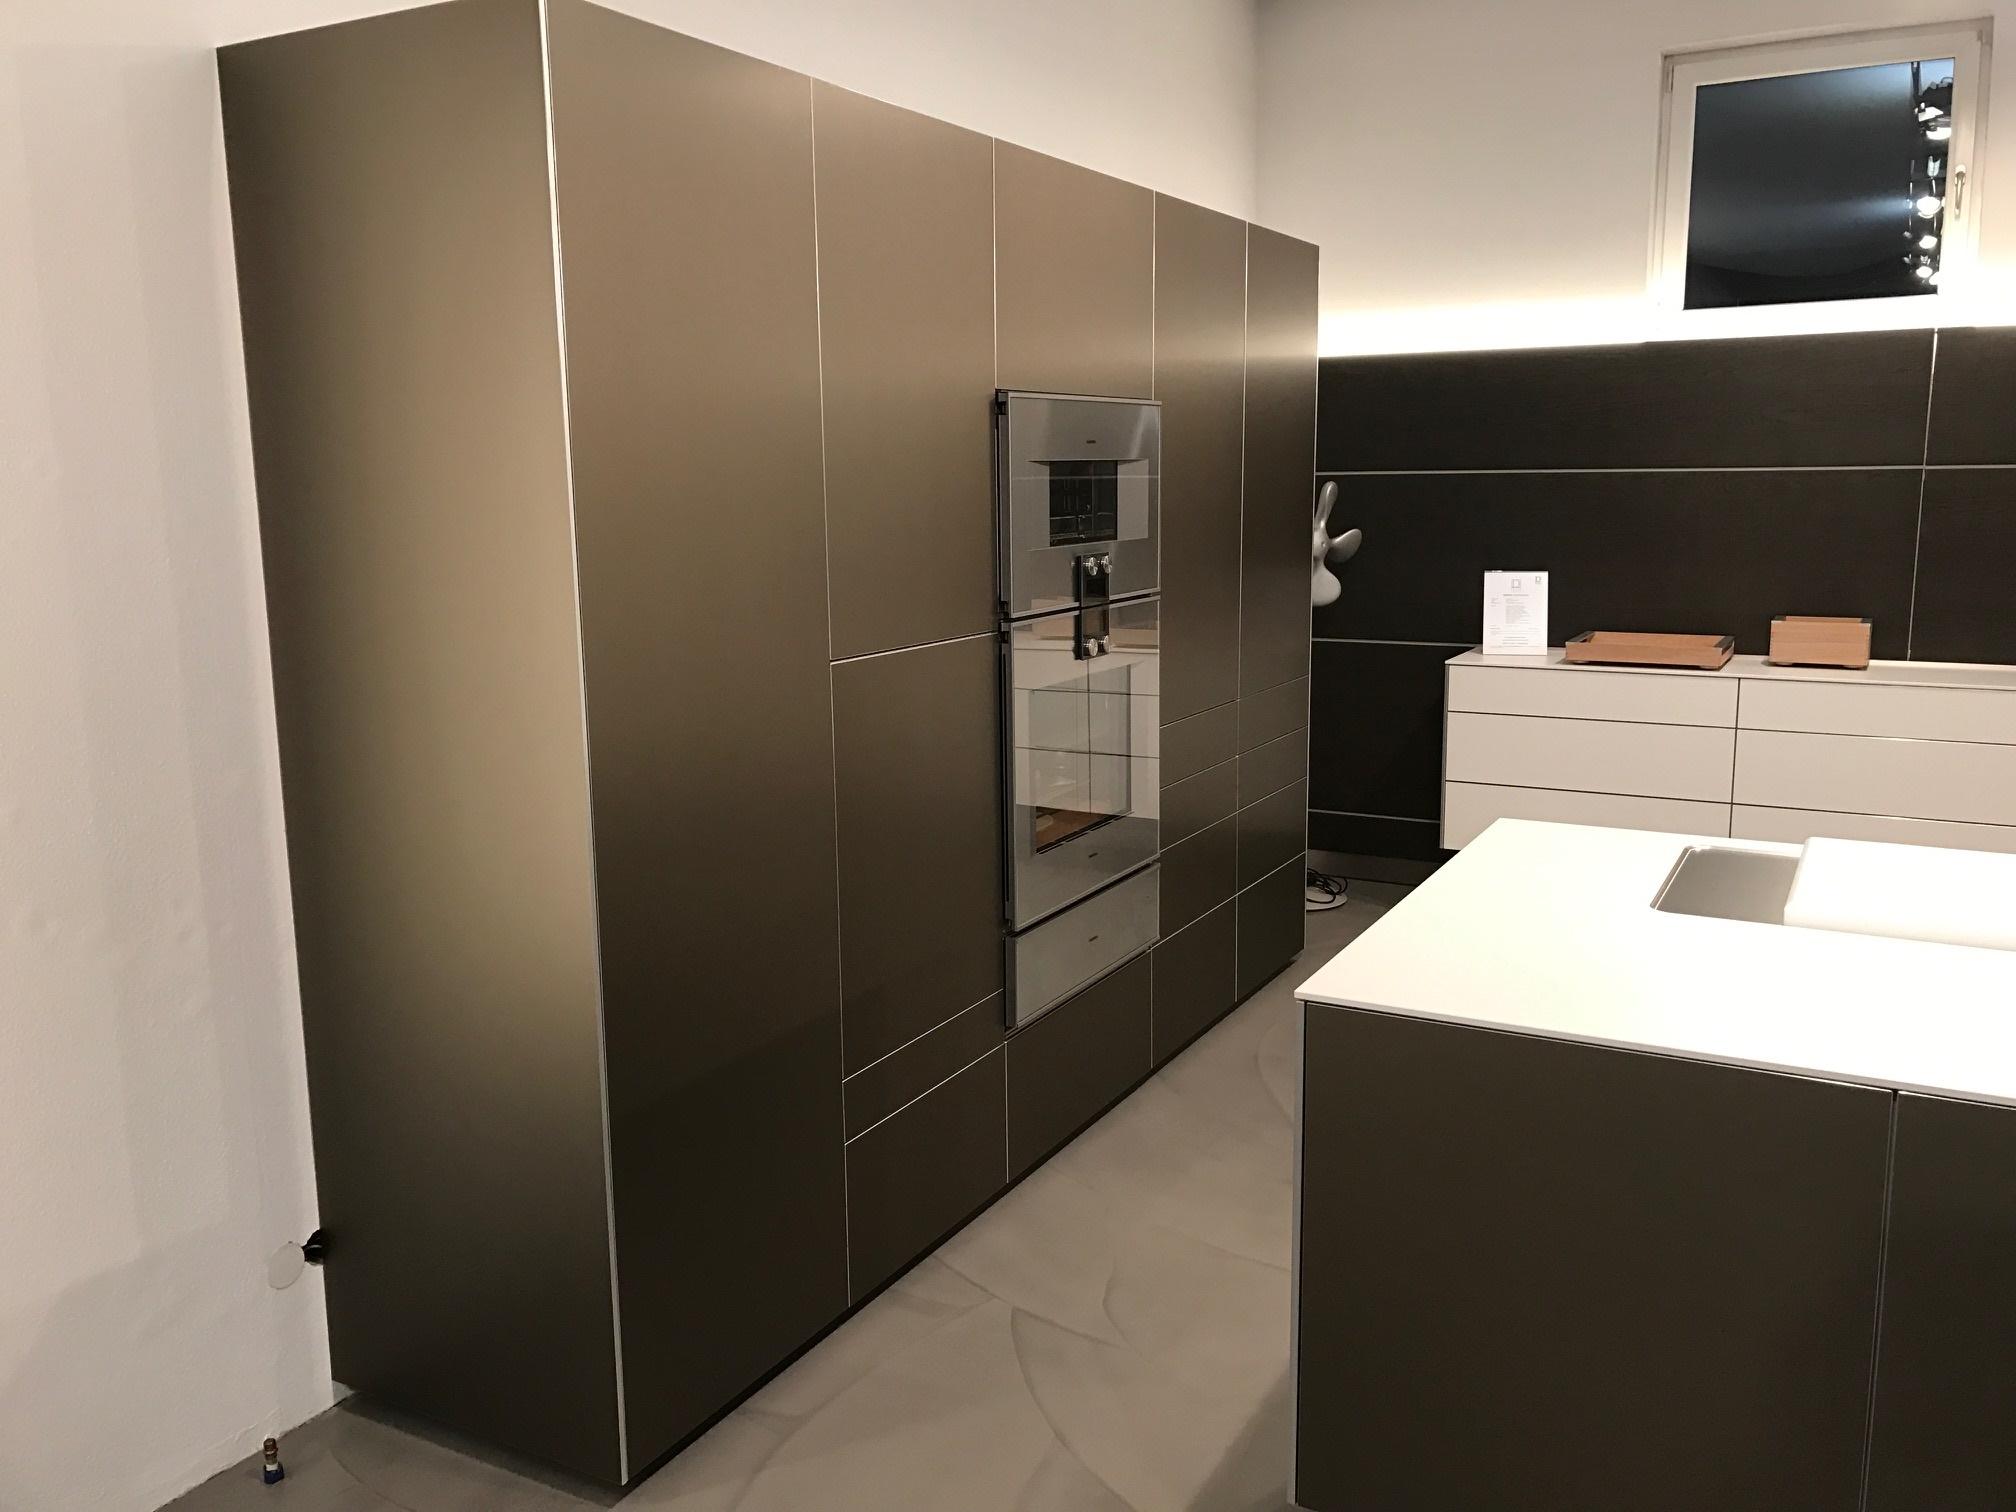 aluminium bulthaup ausstellungsk che mit bora gaggenau und miele k chenger ten im abverkauf. Black Bedroom Furniture Sets. Home Design Ideas